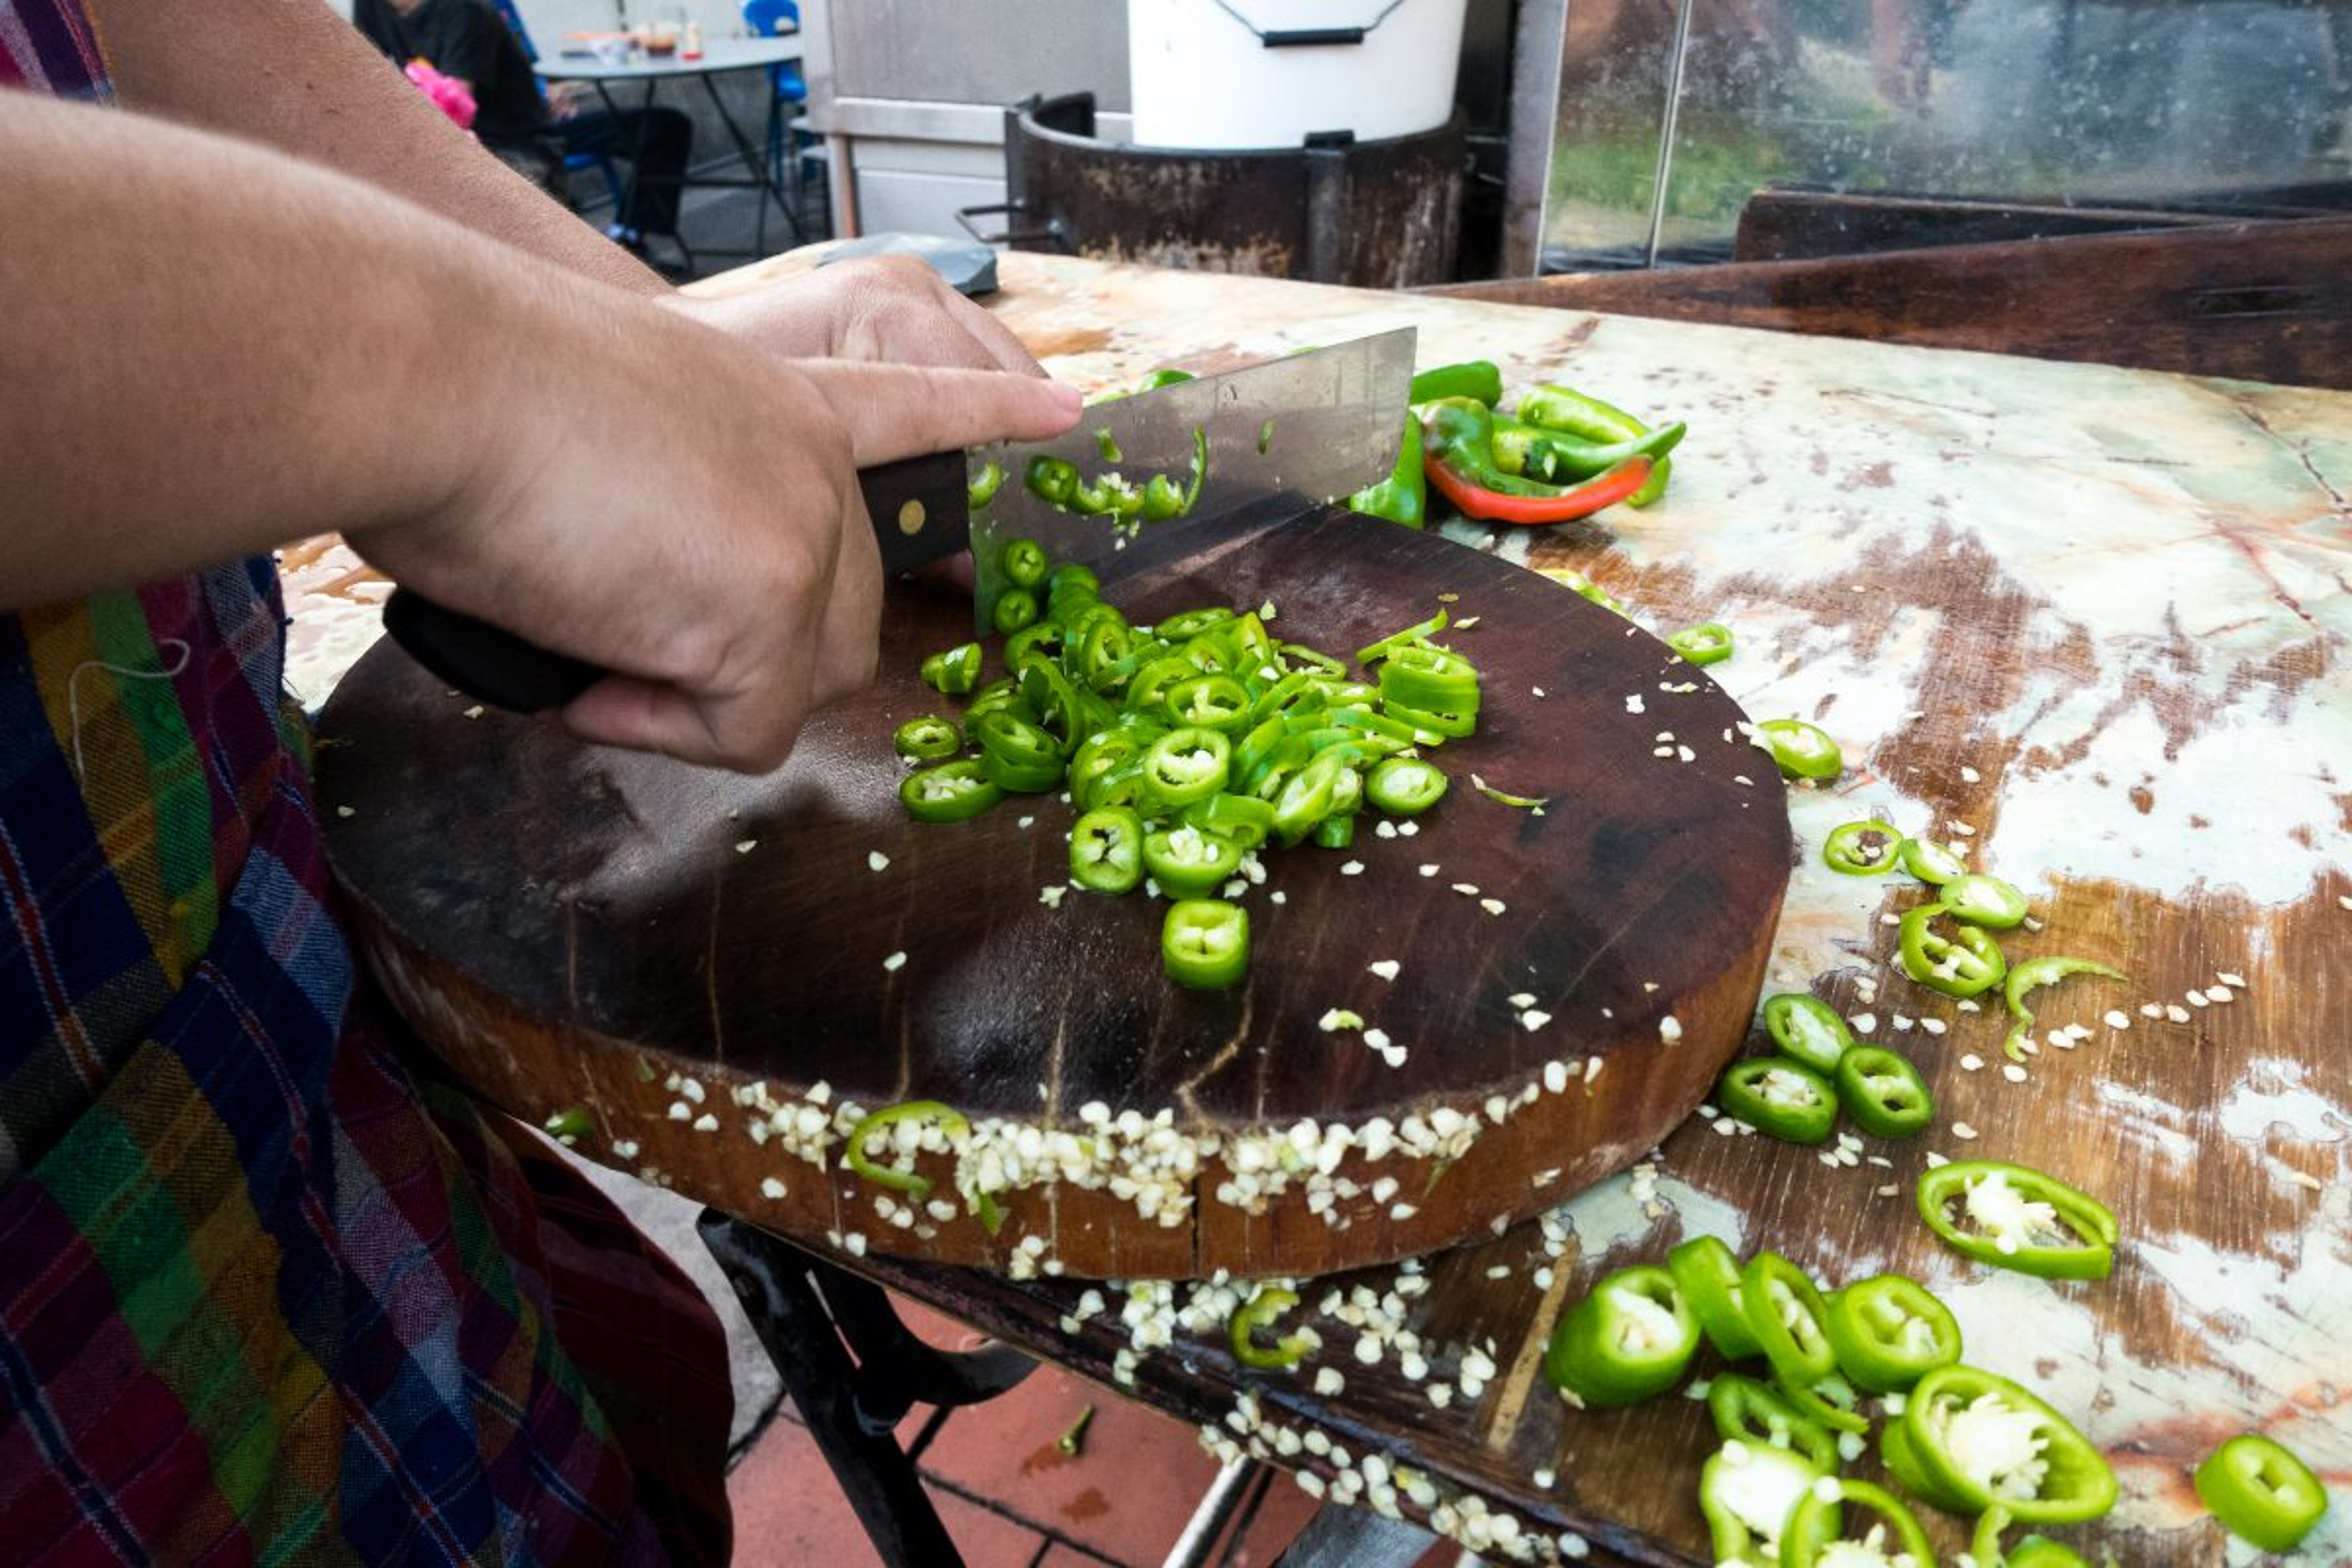 Chopping green hot pepper